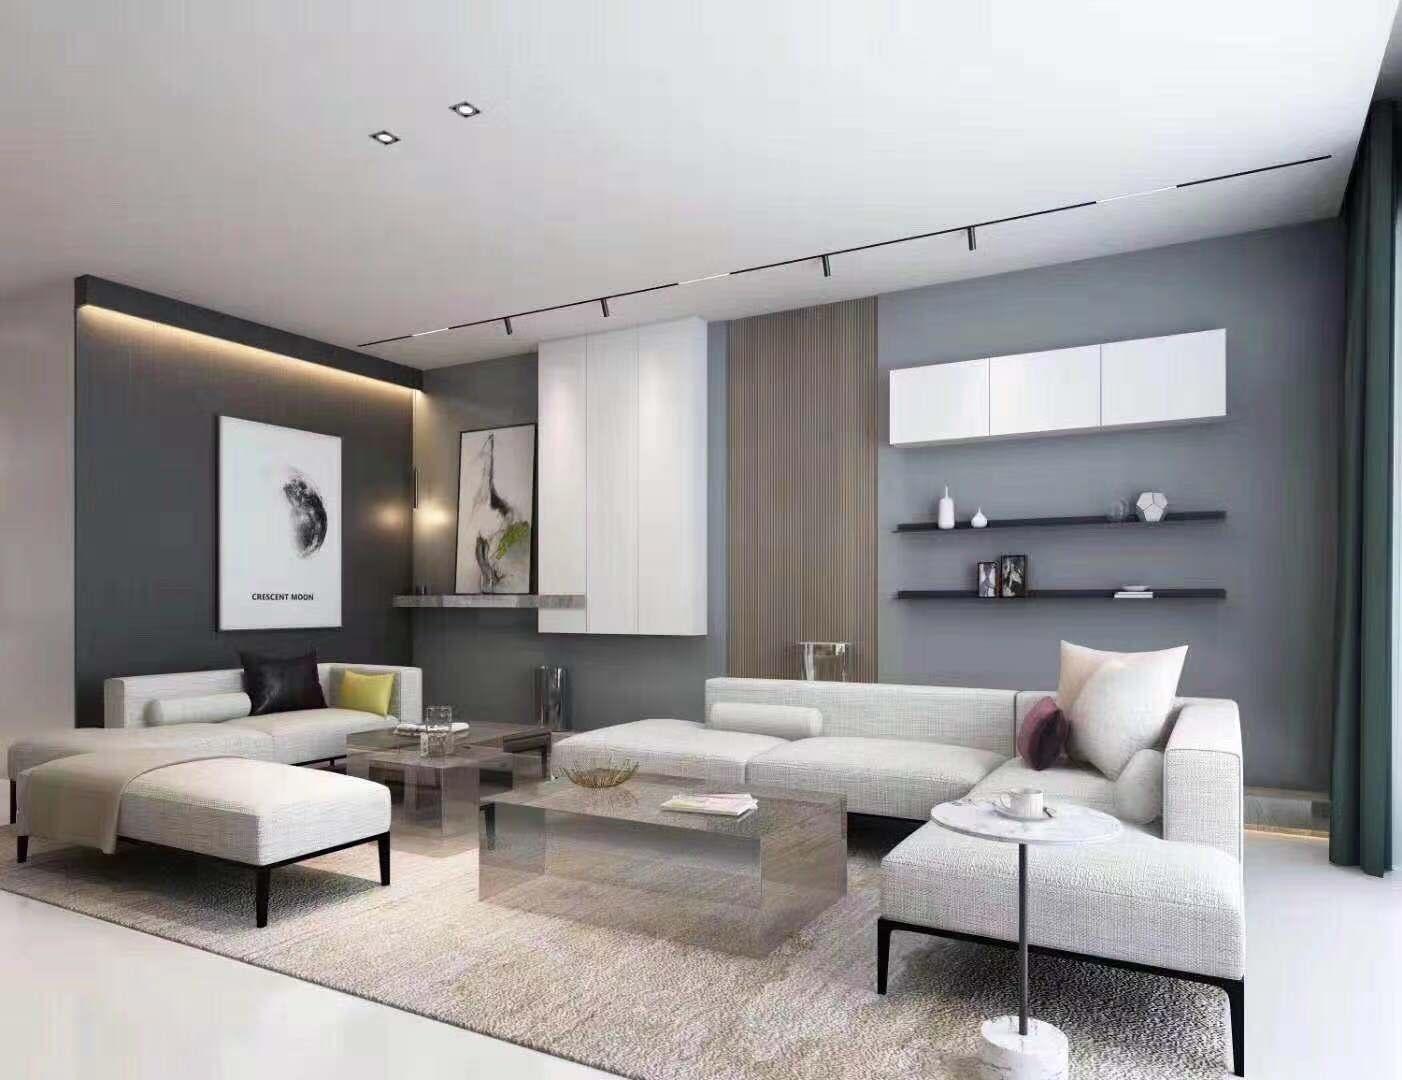 室内装修效果图设计